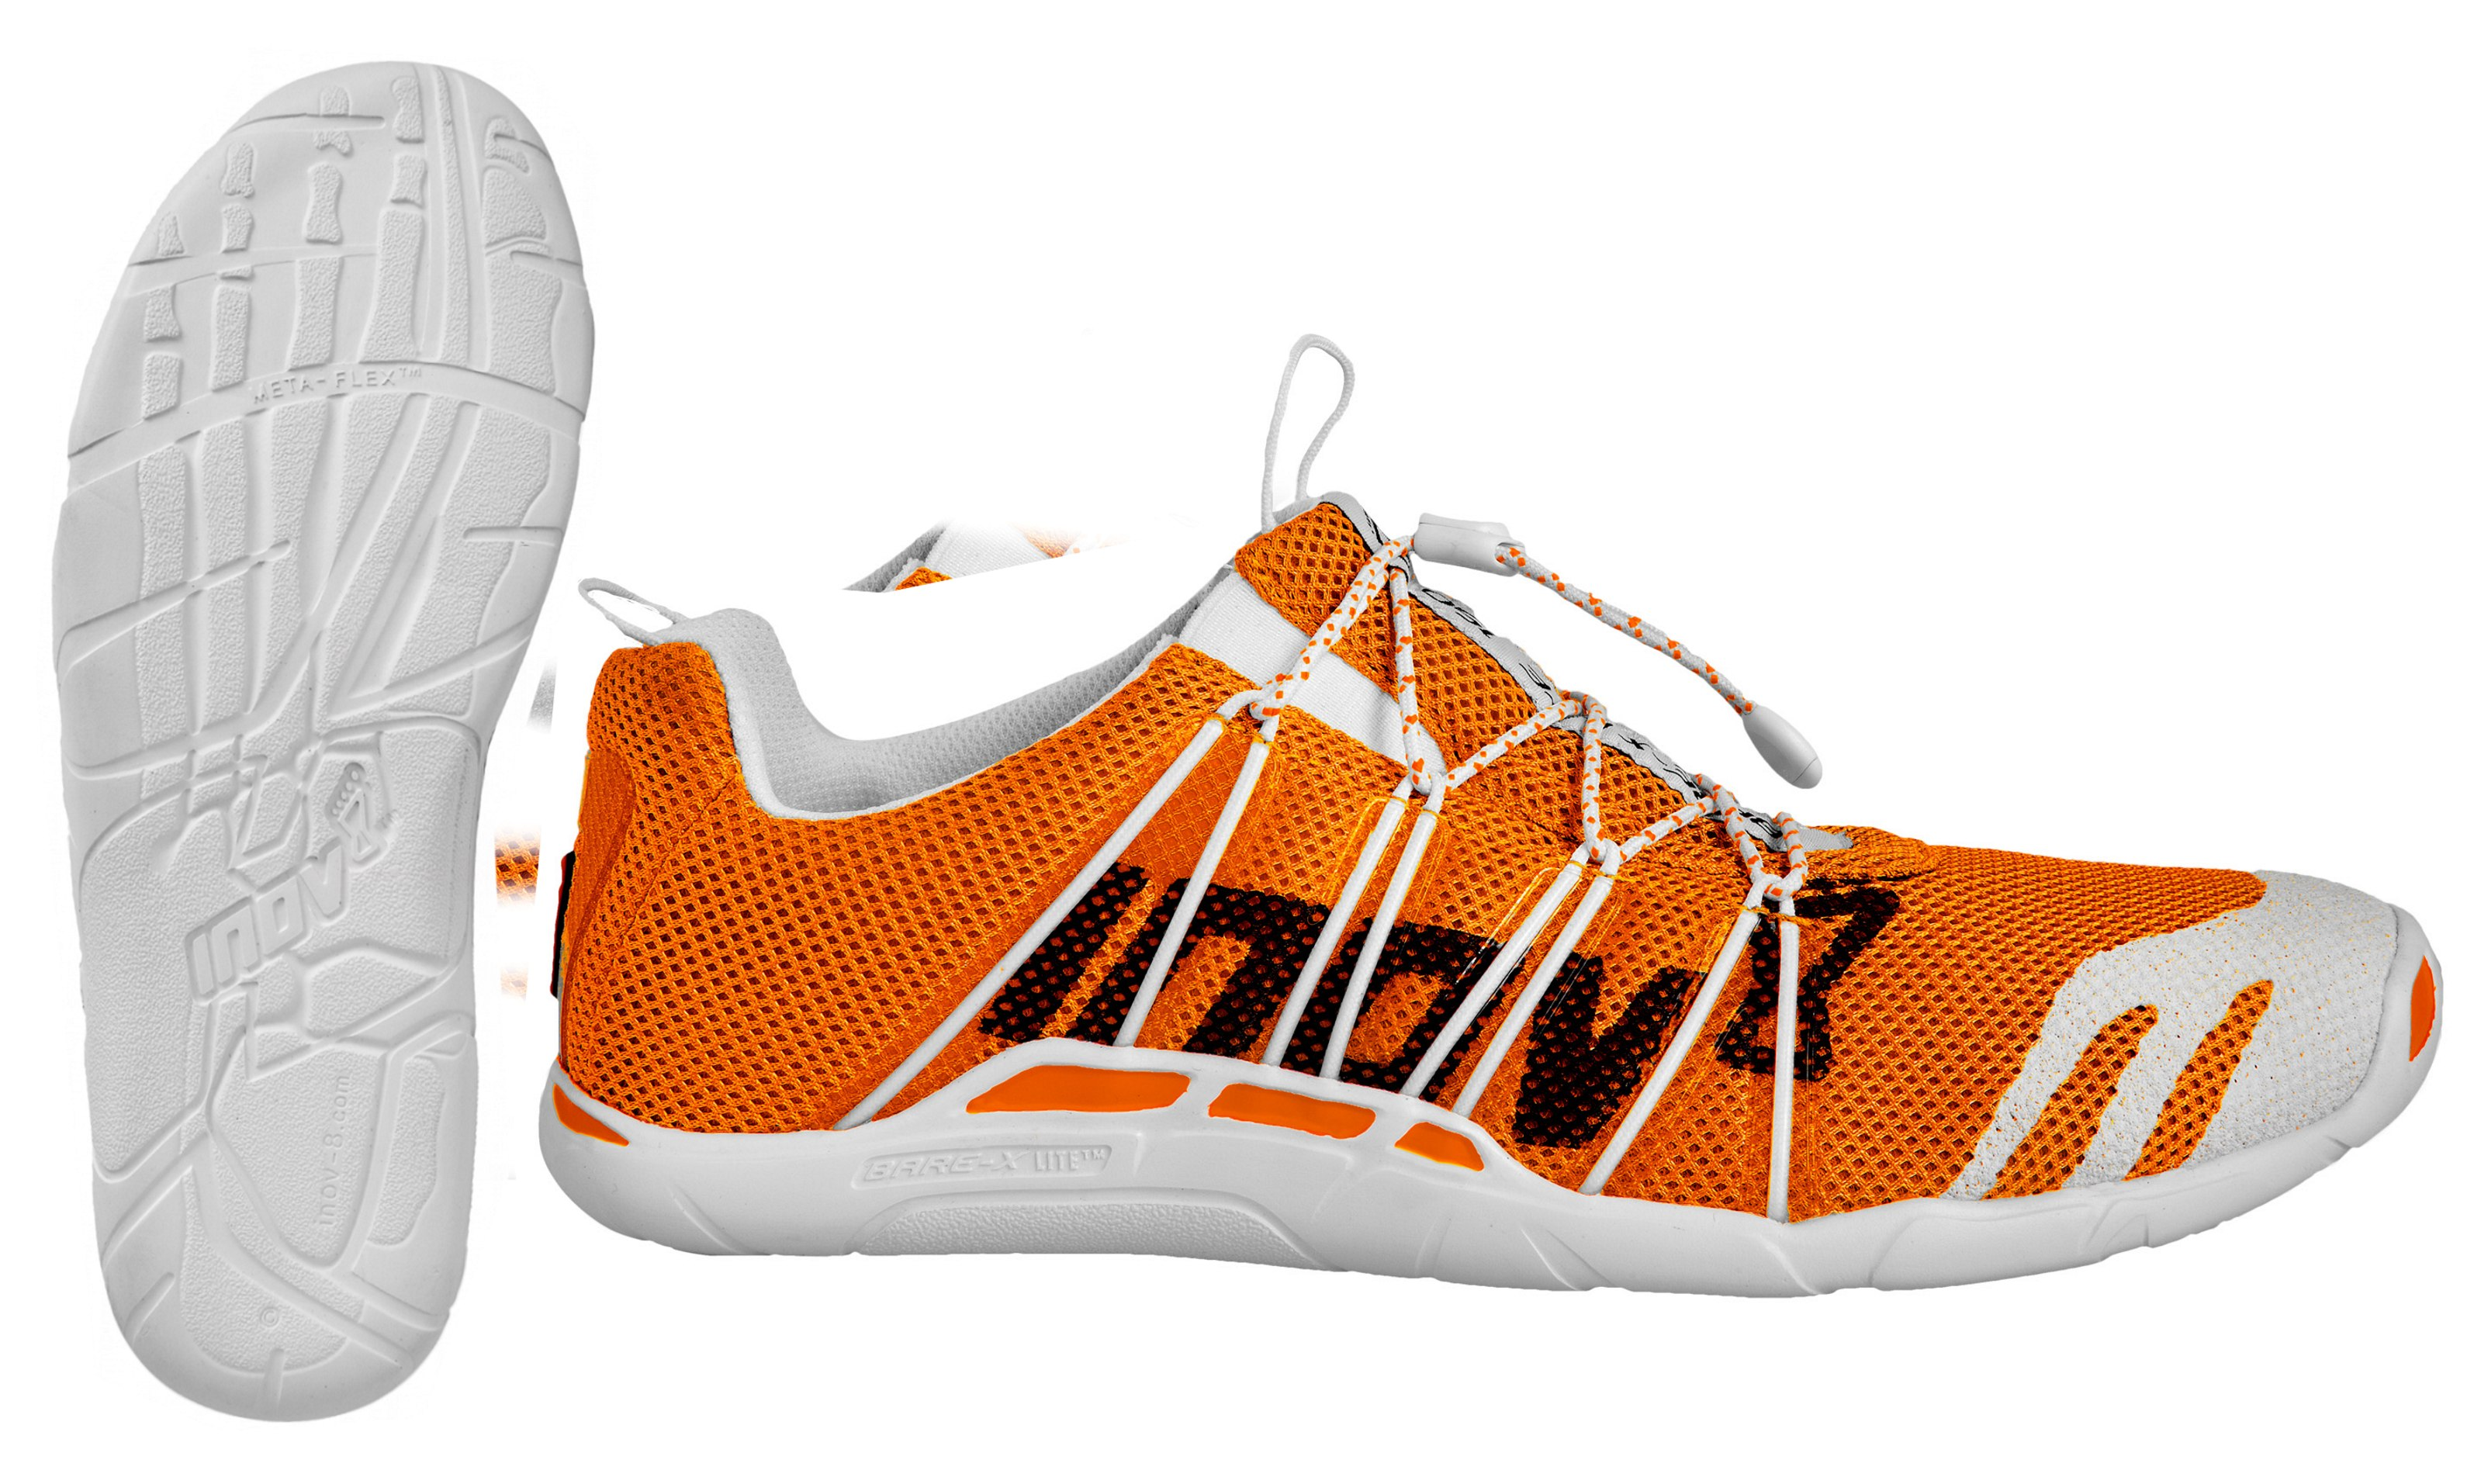 55a61328 Высокотехнологичная легкая (150 г) модель фирмы INOV8. Быстрая система  шнуровки идеальна для соревнований. Верх из эластичной 3D сетки  обеспечивает плотную ...